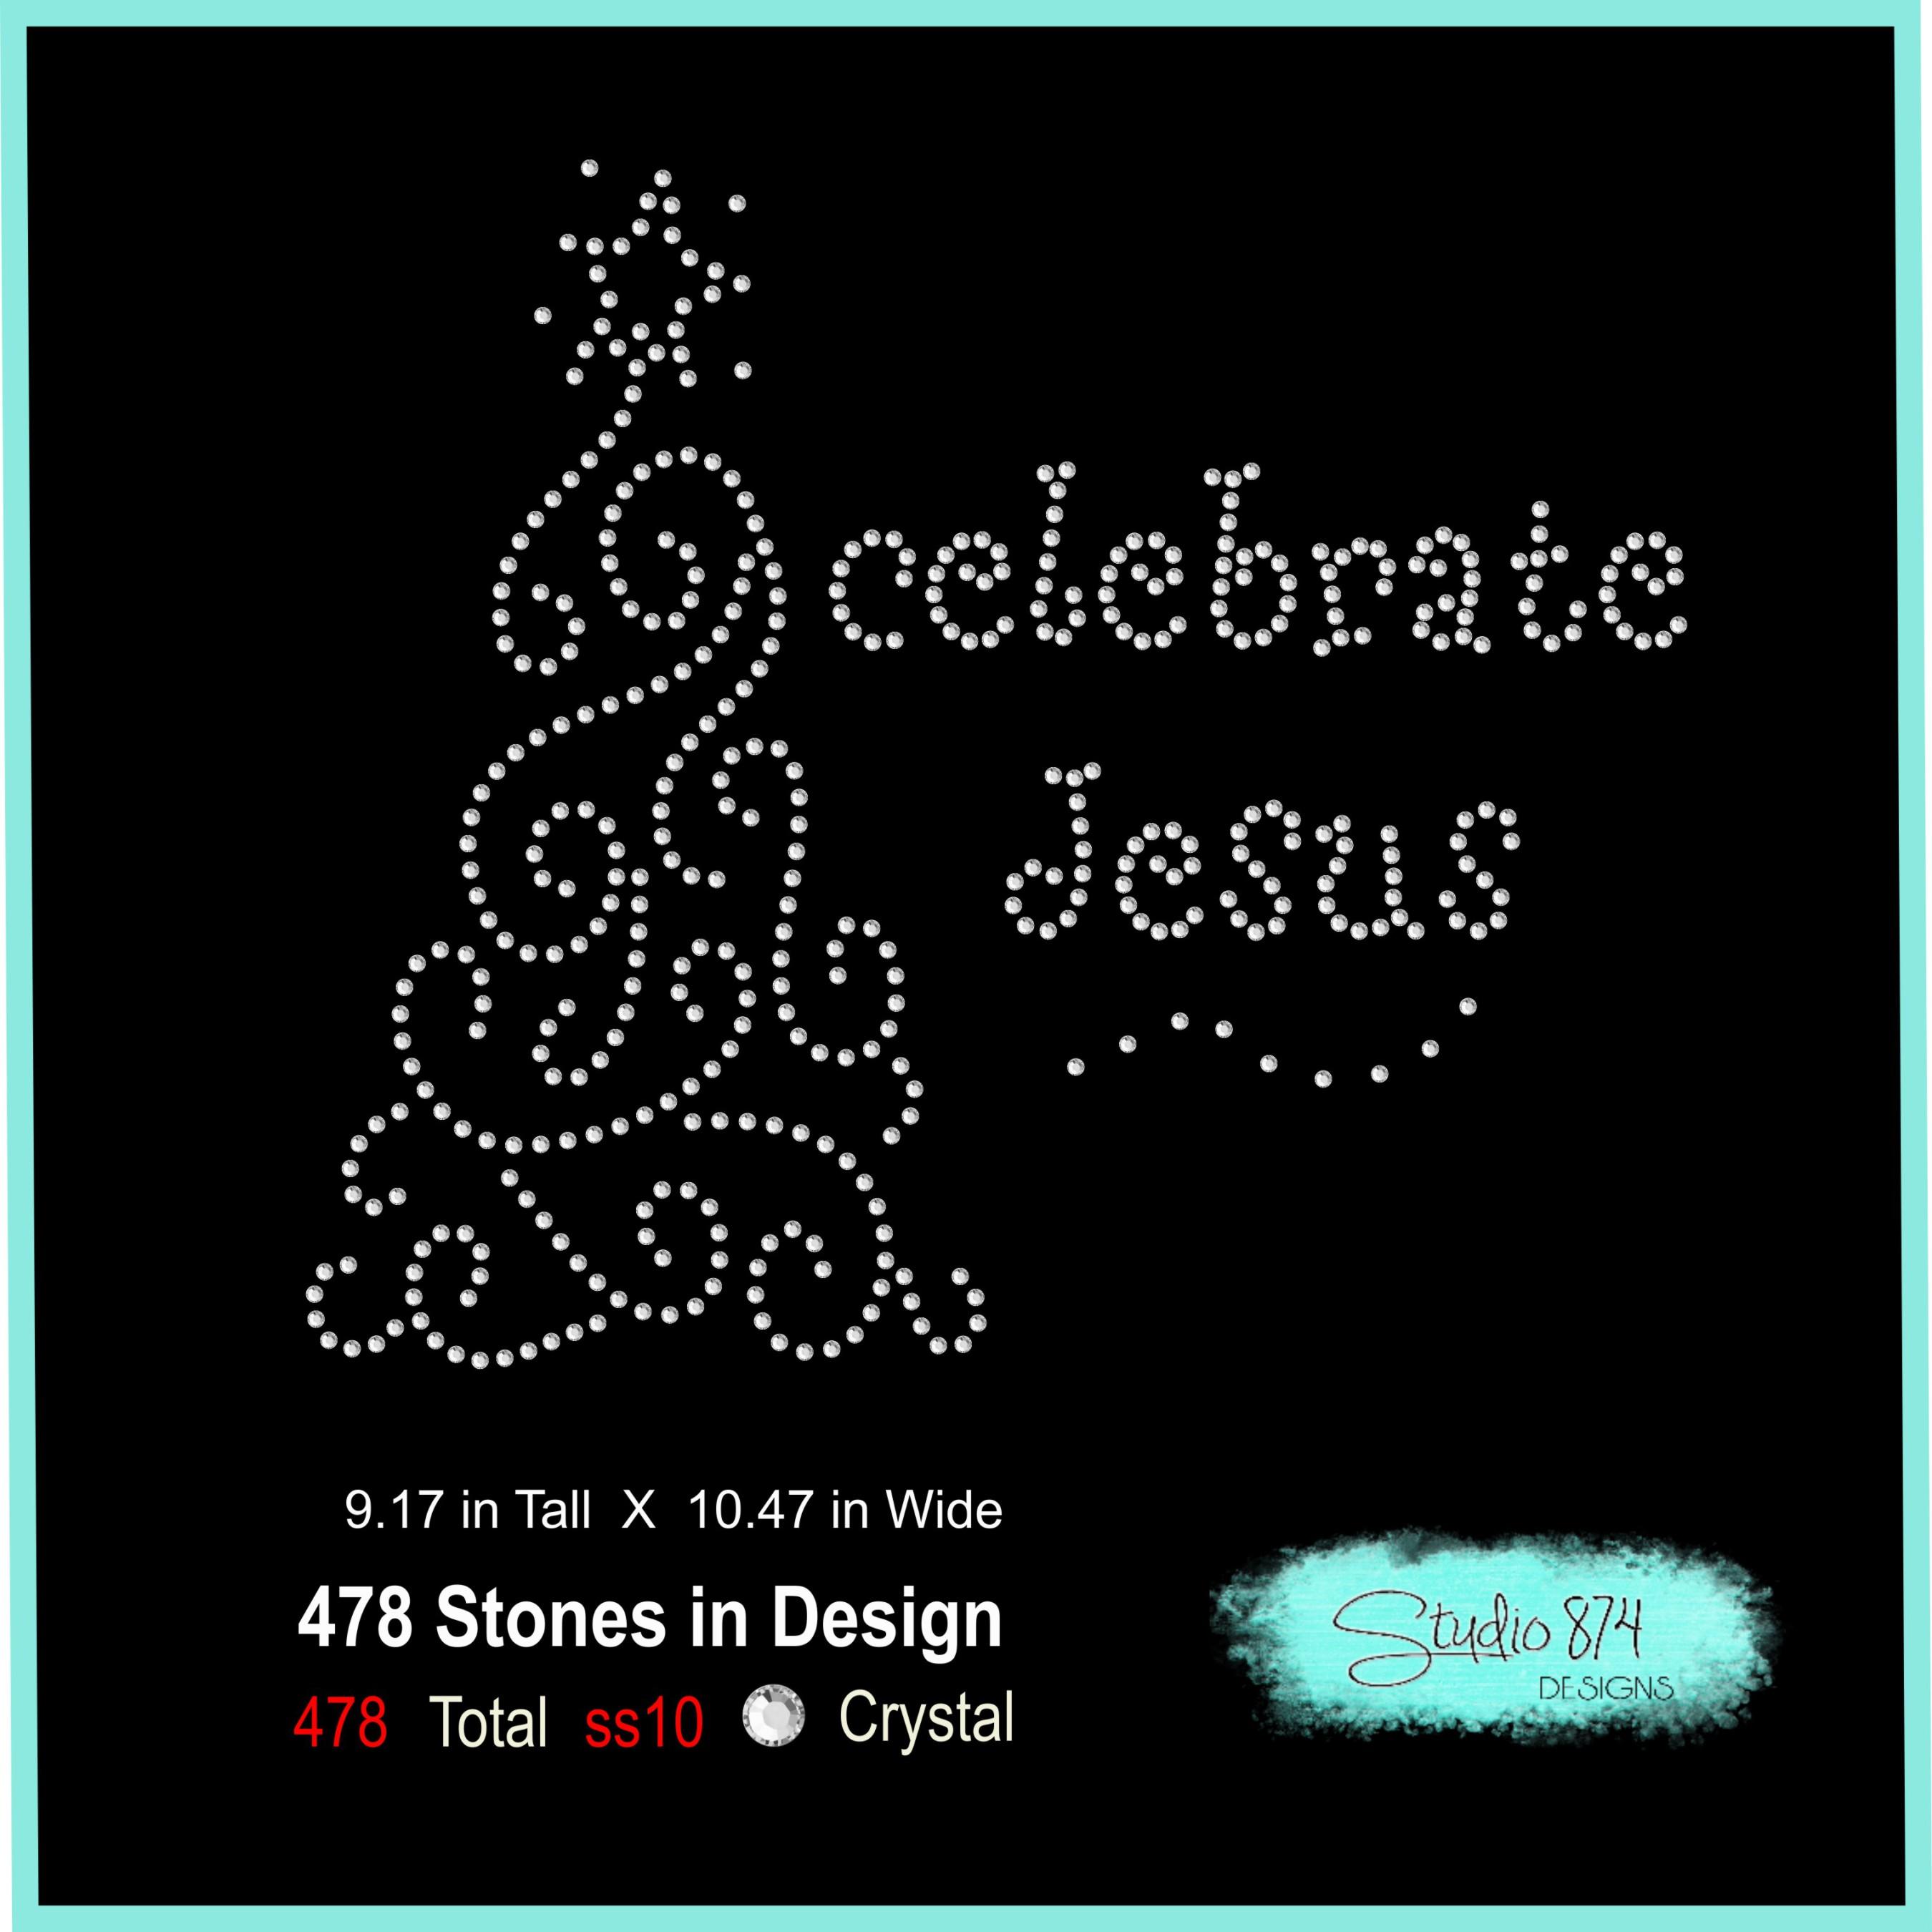 Christmas Rhinestone SVG Template - Celebrate Jesus example image 3